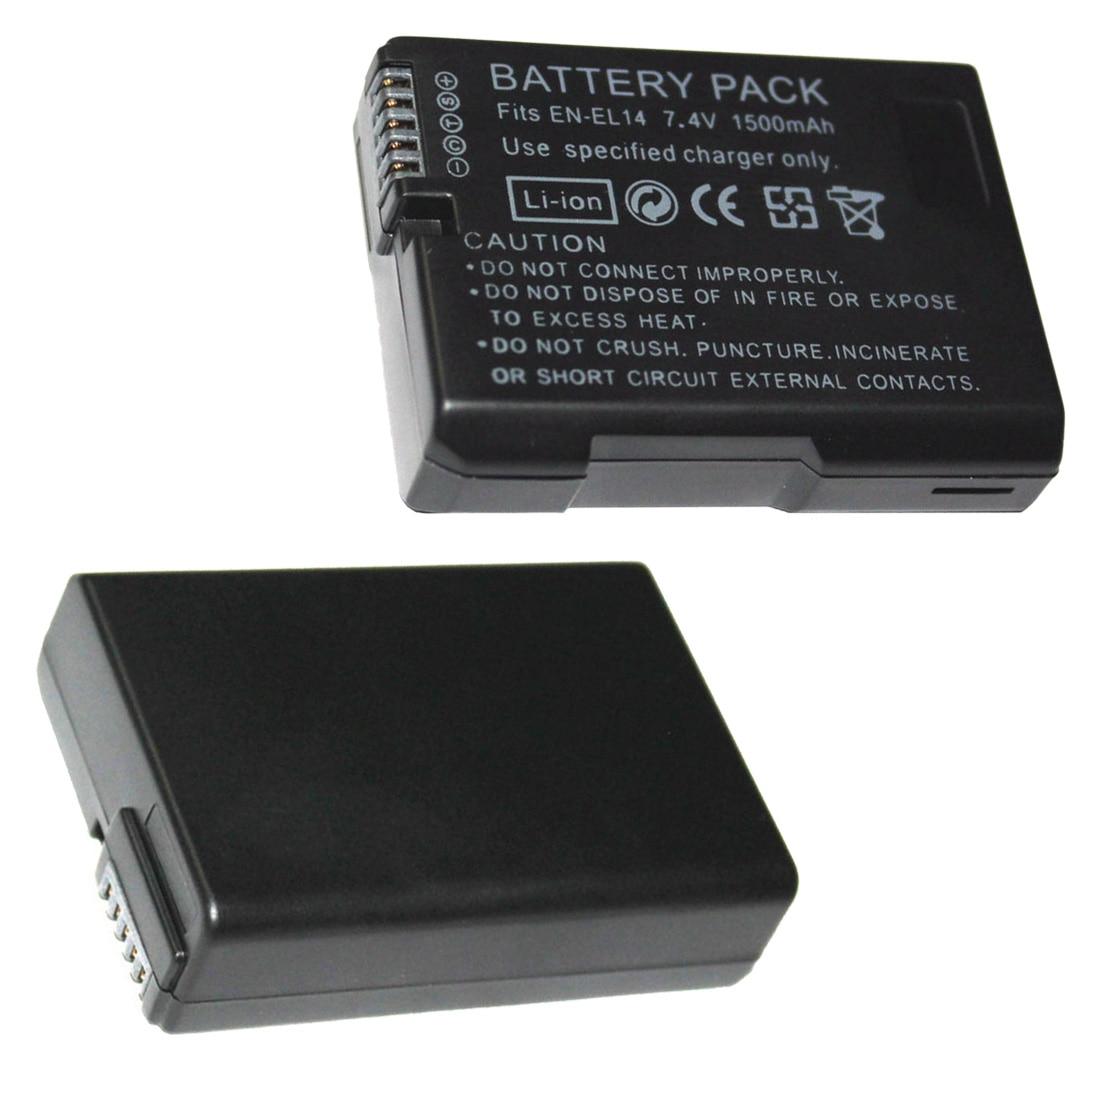 1 pièces 7.4V 1500mAh EN-EL14 Batteries ENEL14 EN EL14 Batterie Pour Appareil Photo Nikon D5200 D3100 D3200 D5100 P7000 P7100 MH-24 Noir